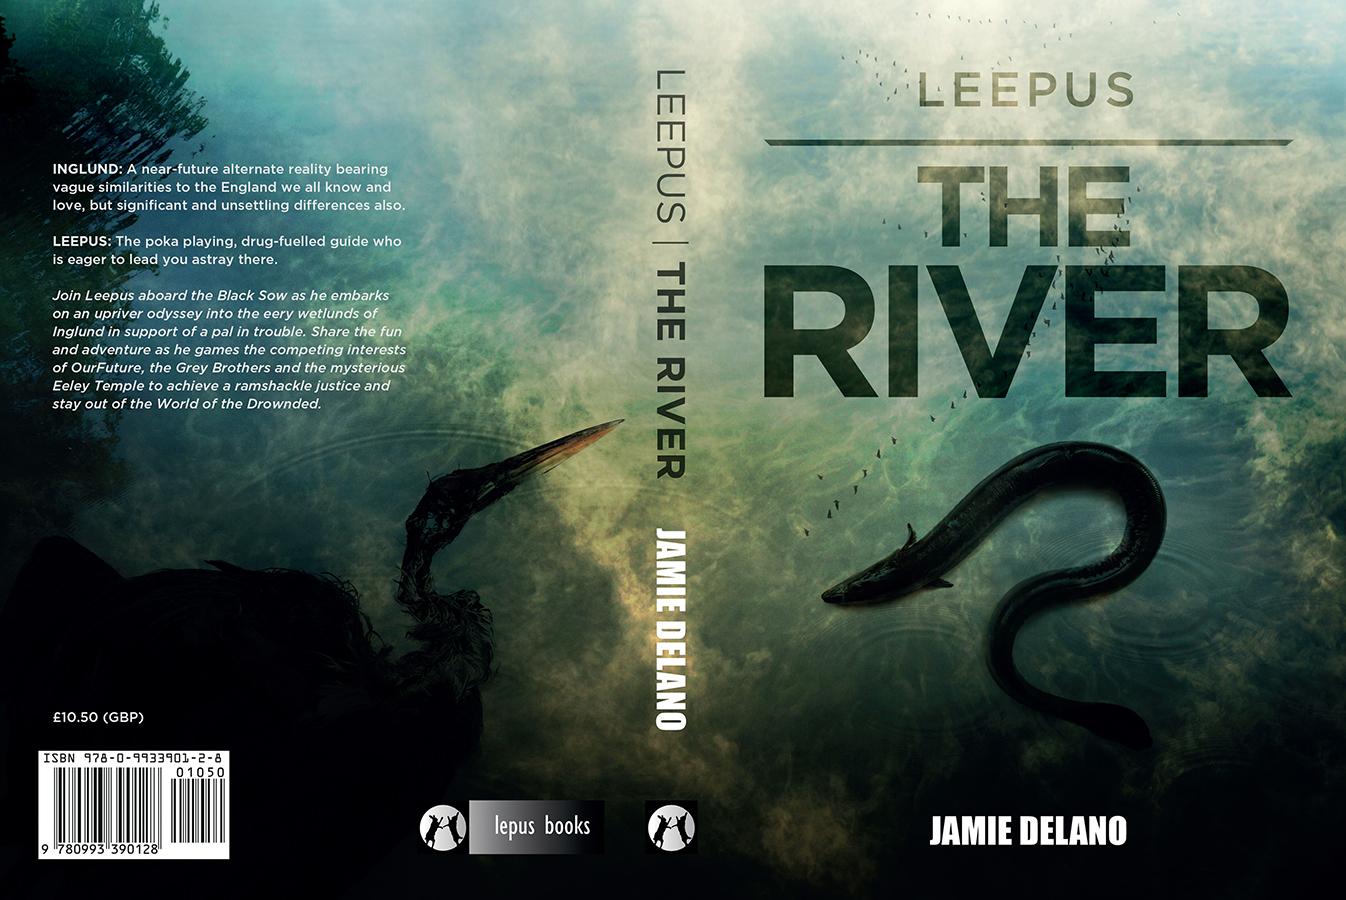 Leepus-The River Jamie Delano